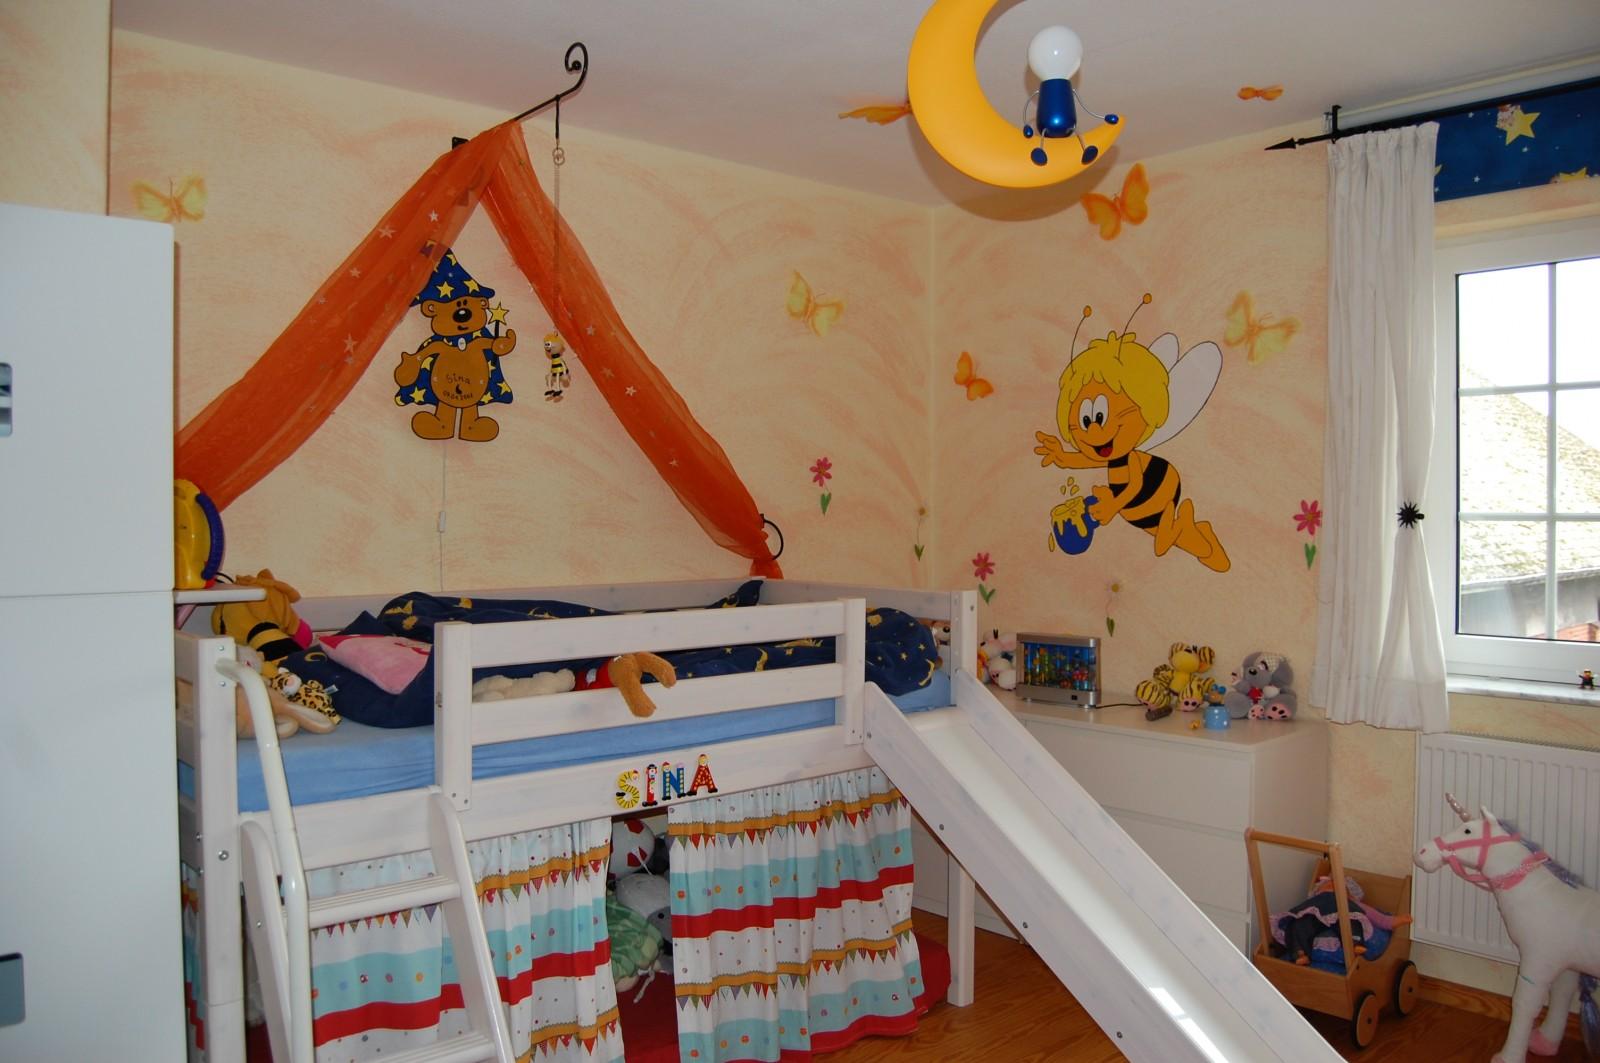 Kinderzimmer \'süße Träume umgestalltet\' - Sauenhof - Zimmerschau